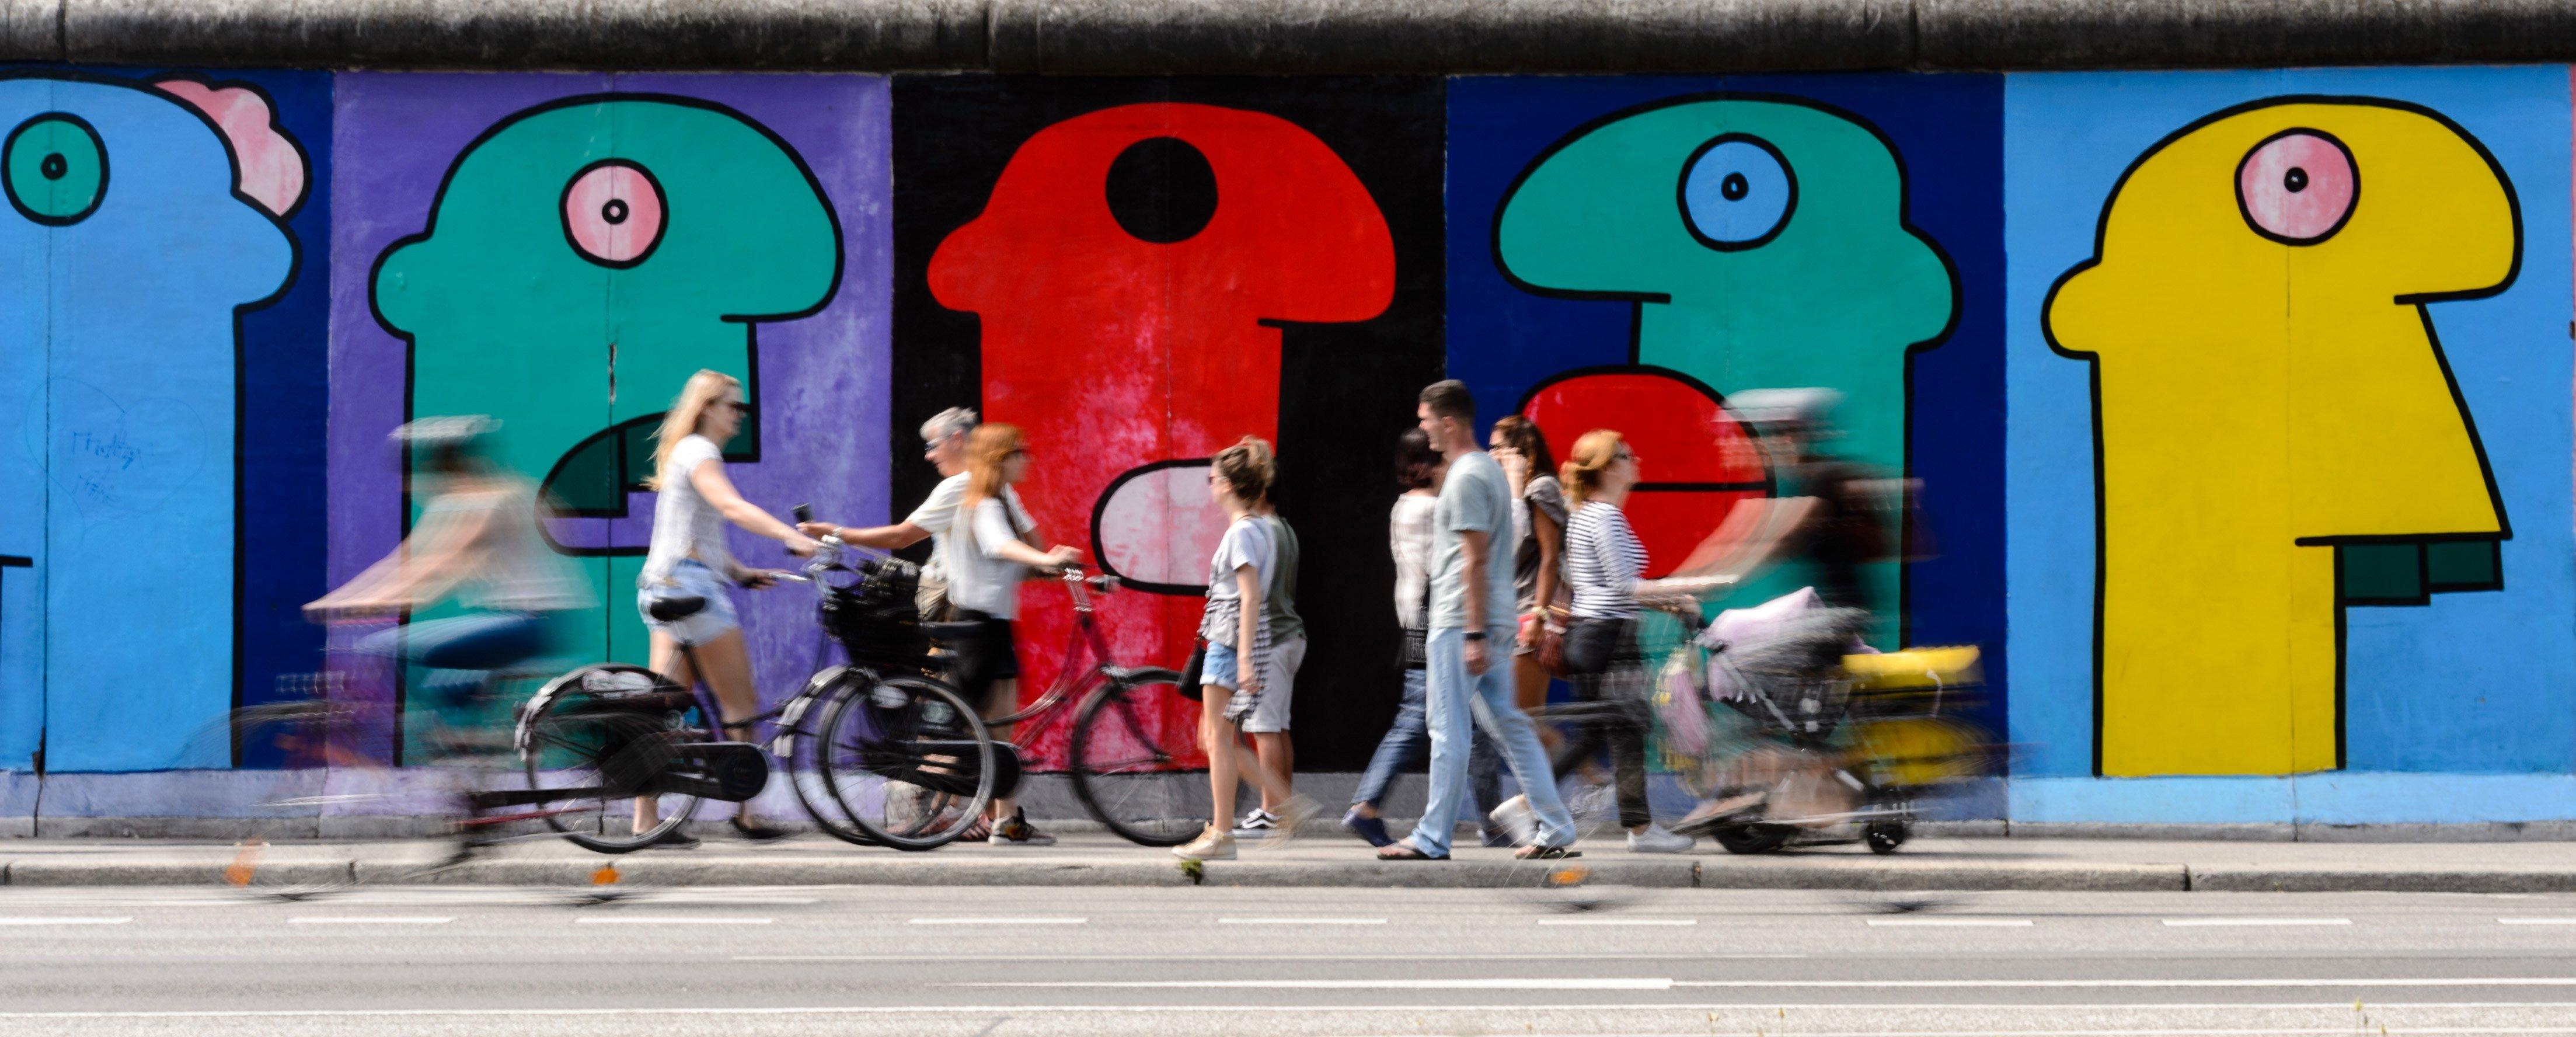 56 aniversari de la construcció del mur de Berlín. /JENS SCHLUETER